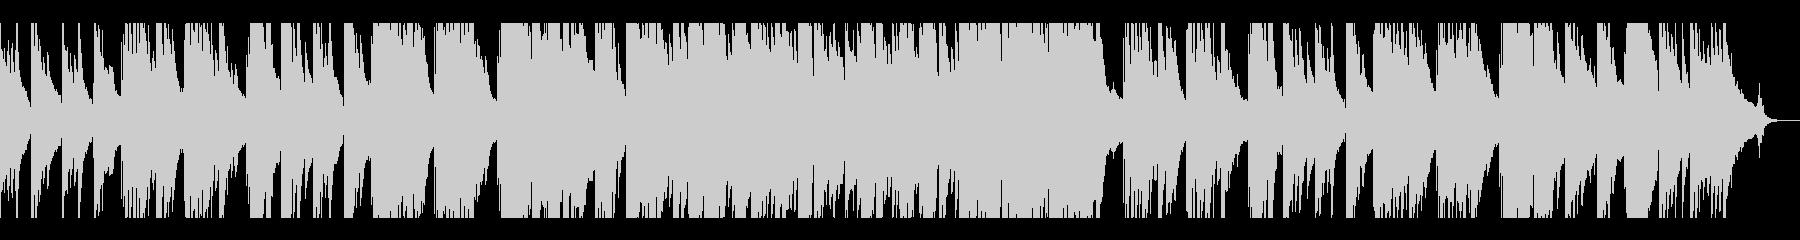 琴の音を使った切なめスローテンポの曲の未再生の波形